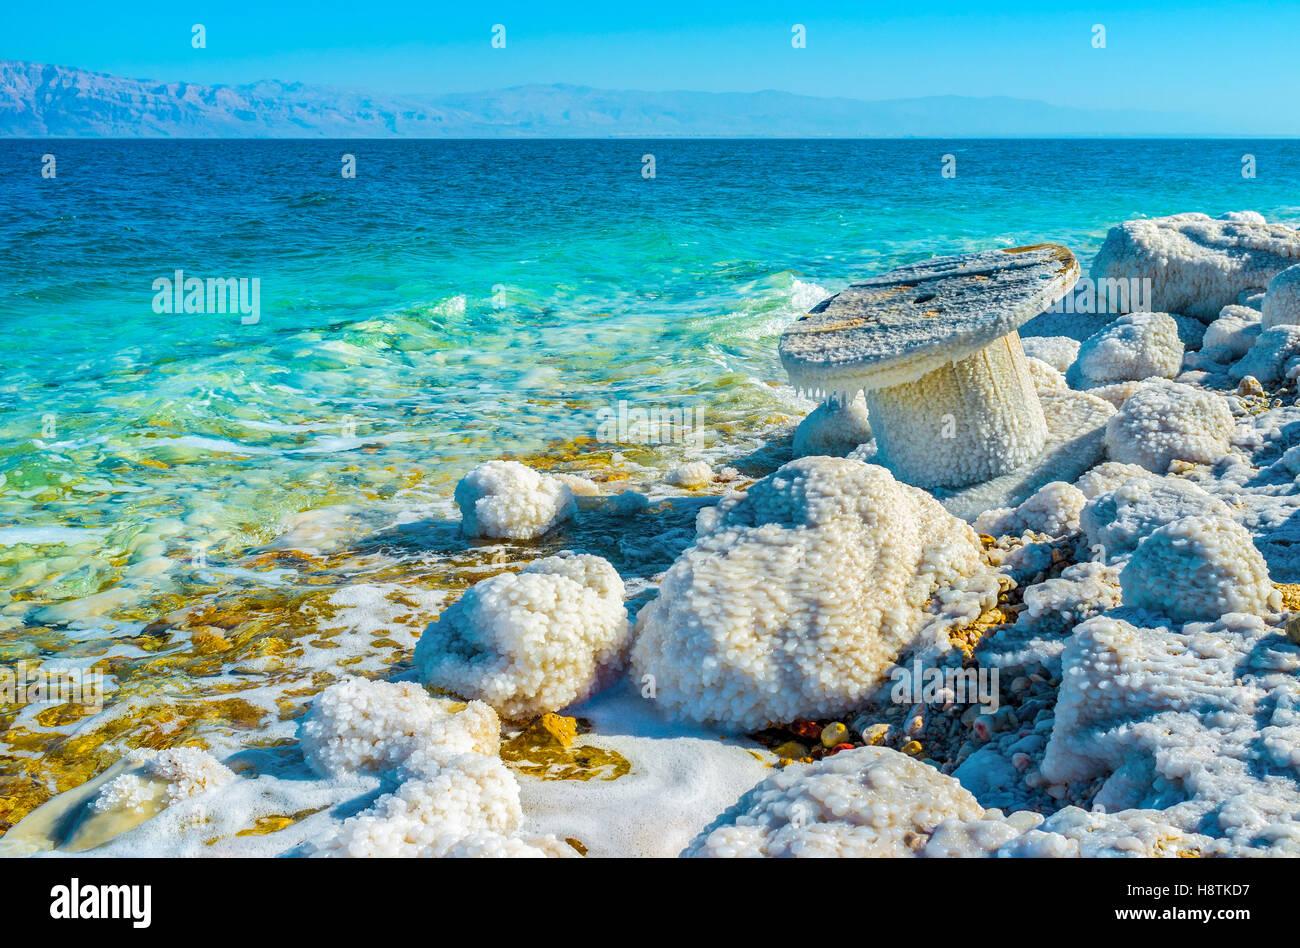 Il Mar Morto è il confine naturale tra la Giordania a est e Israele e Palestina a ovest, Ein Gedi, Israele. Foto Stock